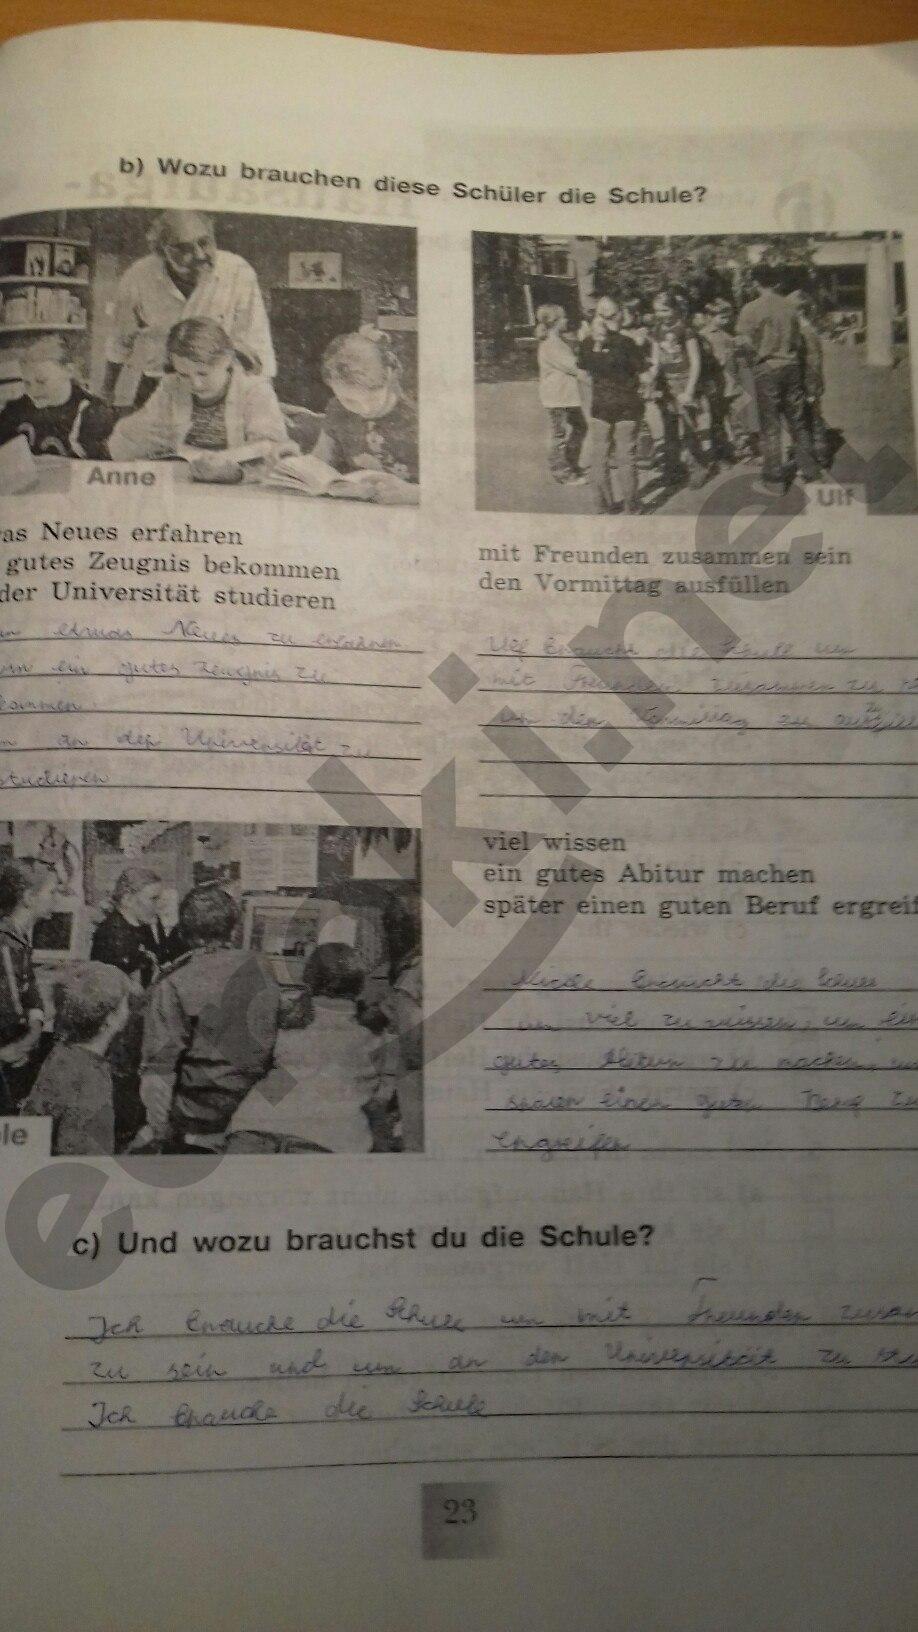 ГДЗ по немецкому языку 6 класс рабочая тетрадь Артемова. Задание: стр. 23